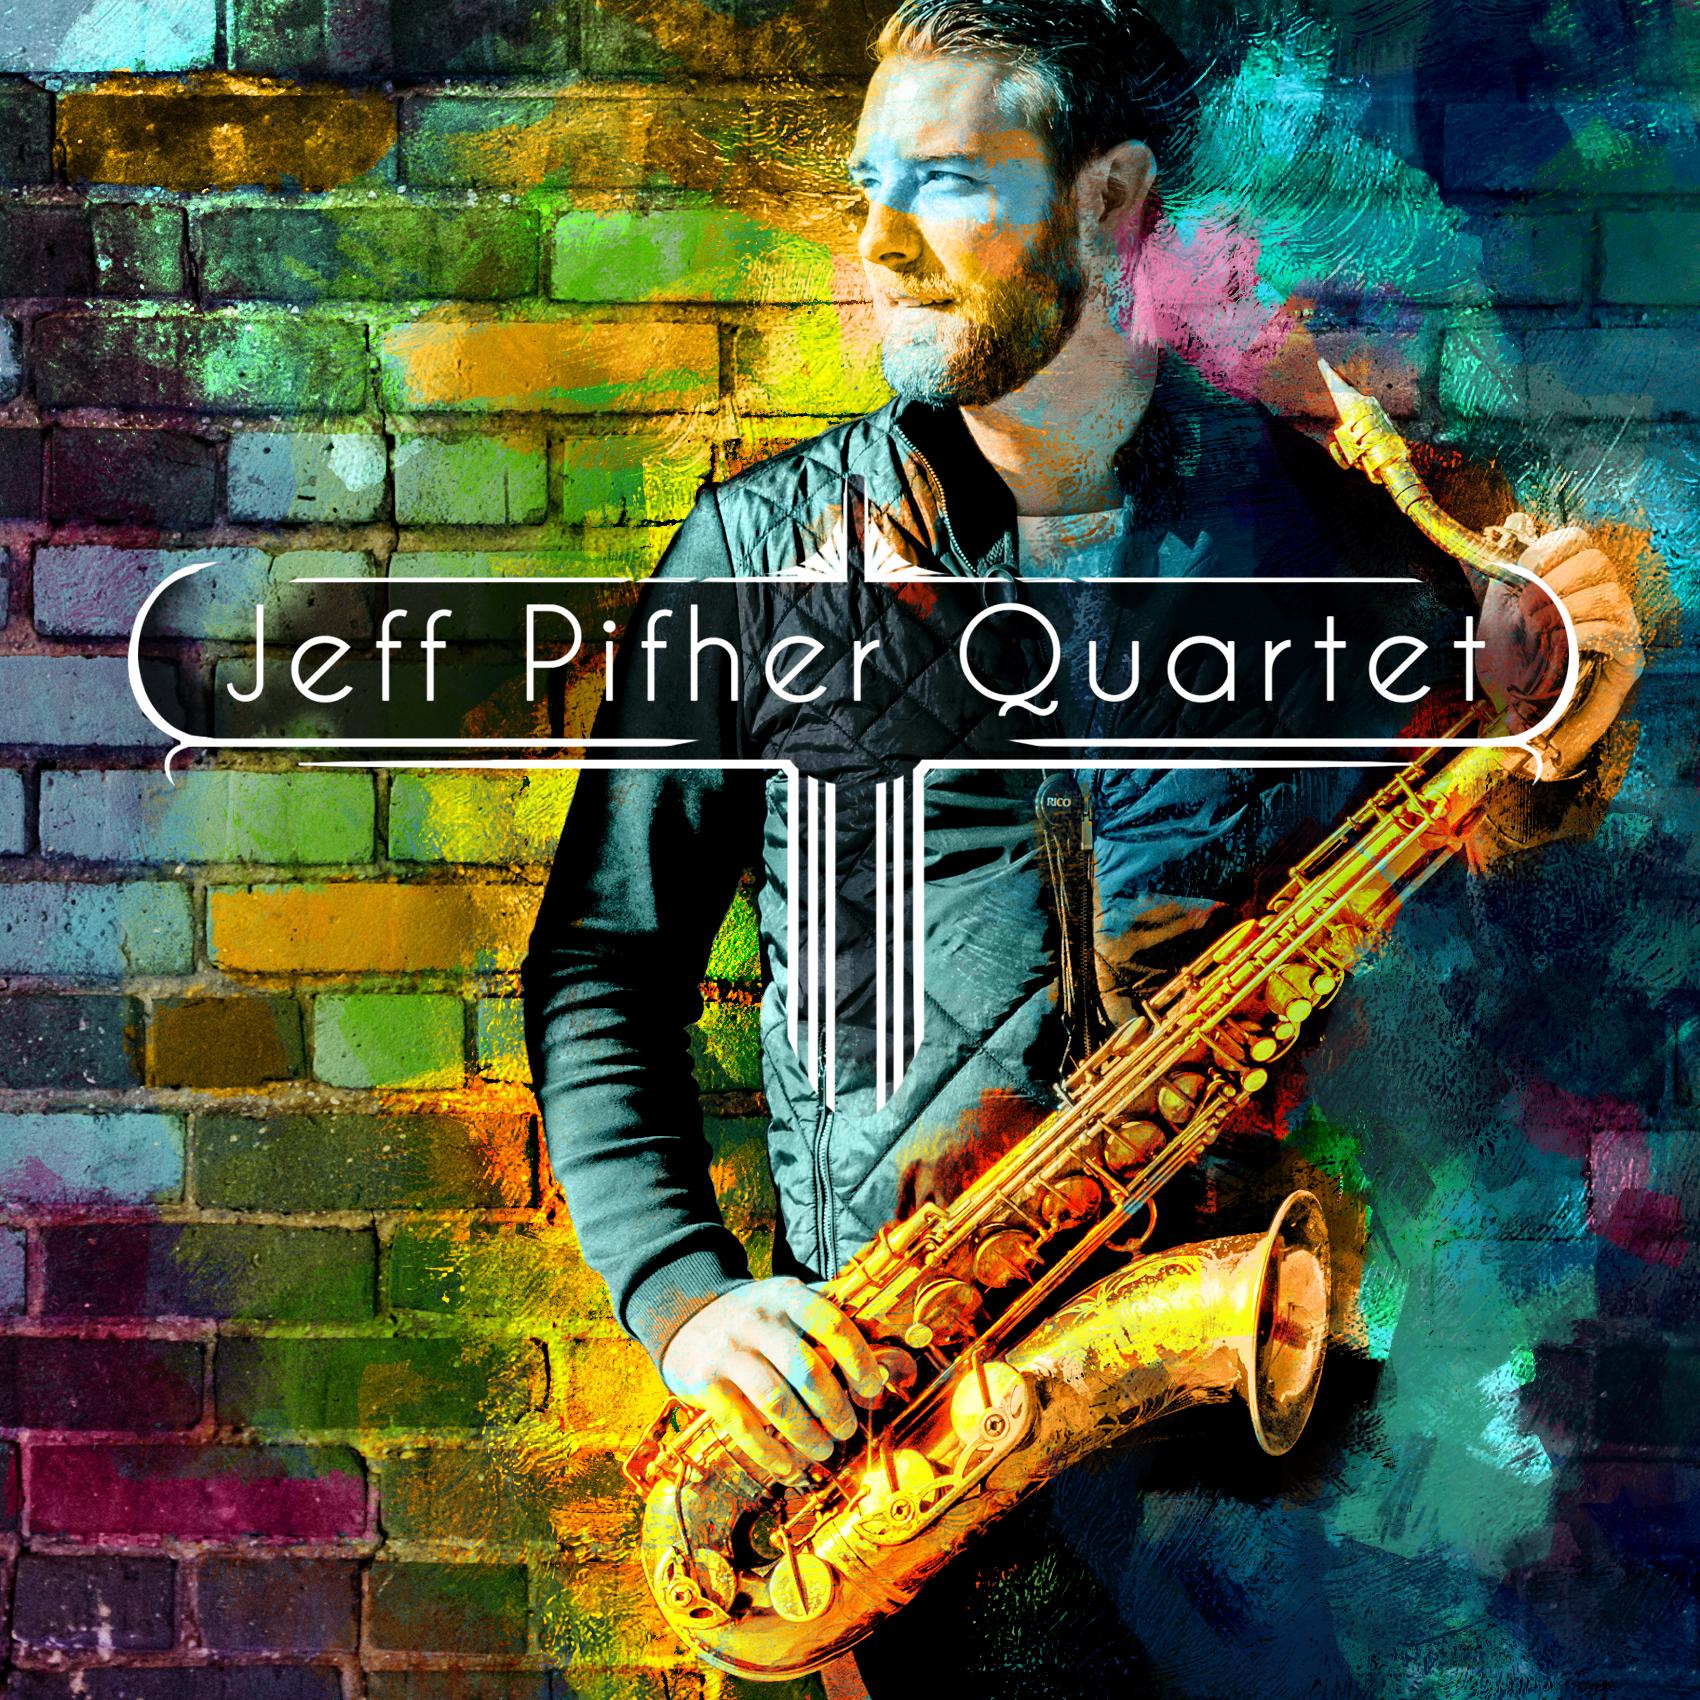 Jeff Pifher-Quartet:Pips Poster1.png